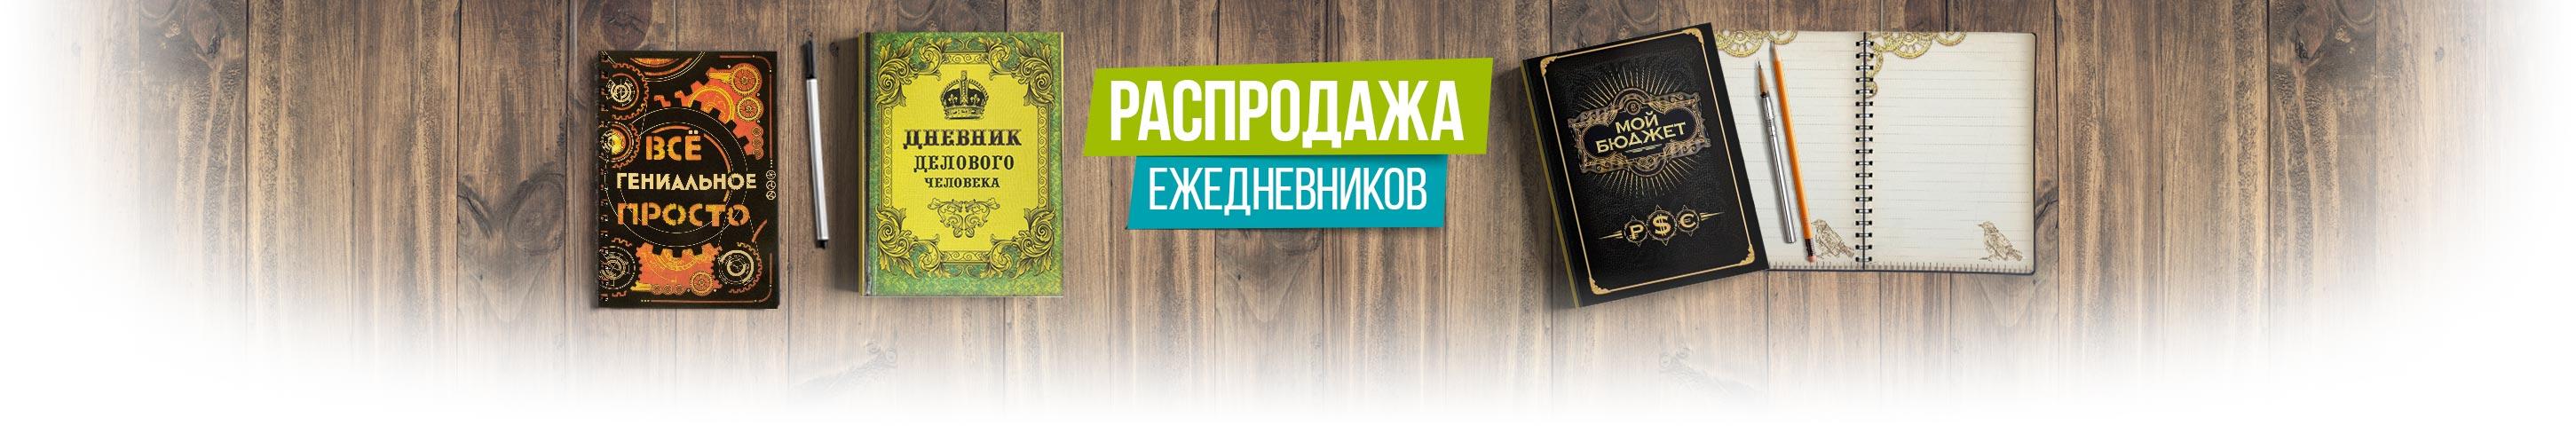 Марихуана Без кидалова Великий Новгород где купить спайс в краснодаре